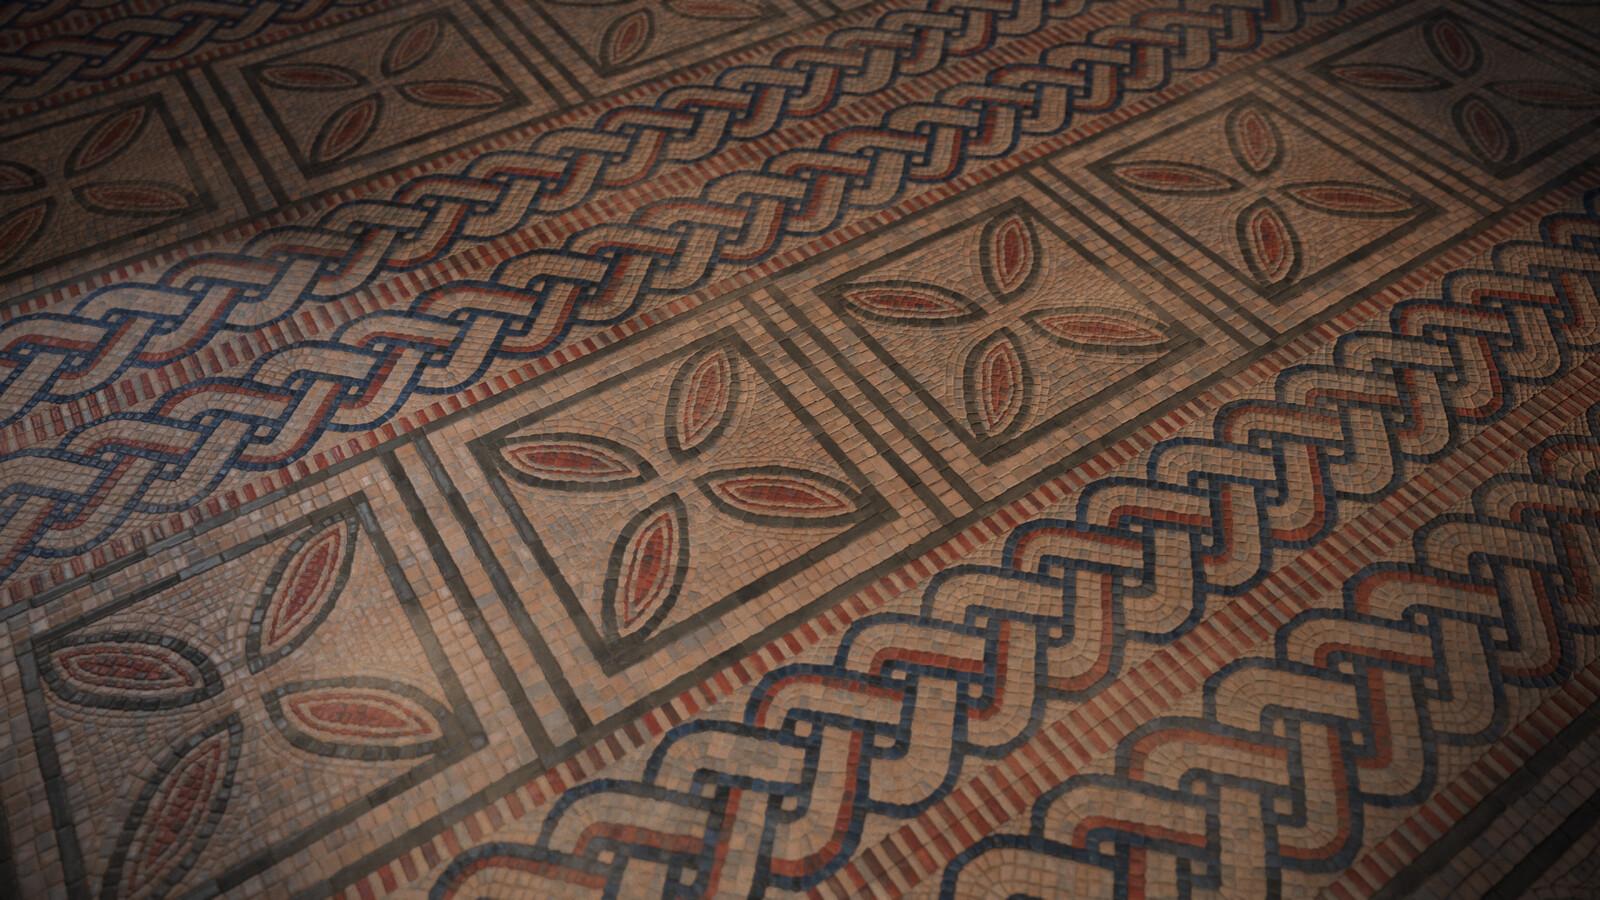 Mosaic floor plane render